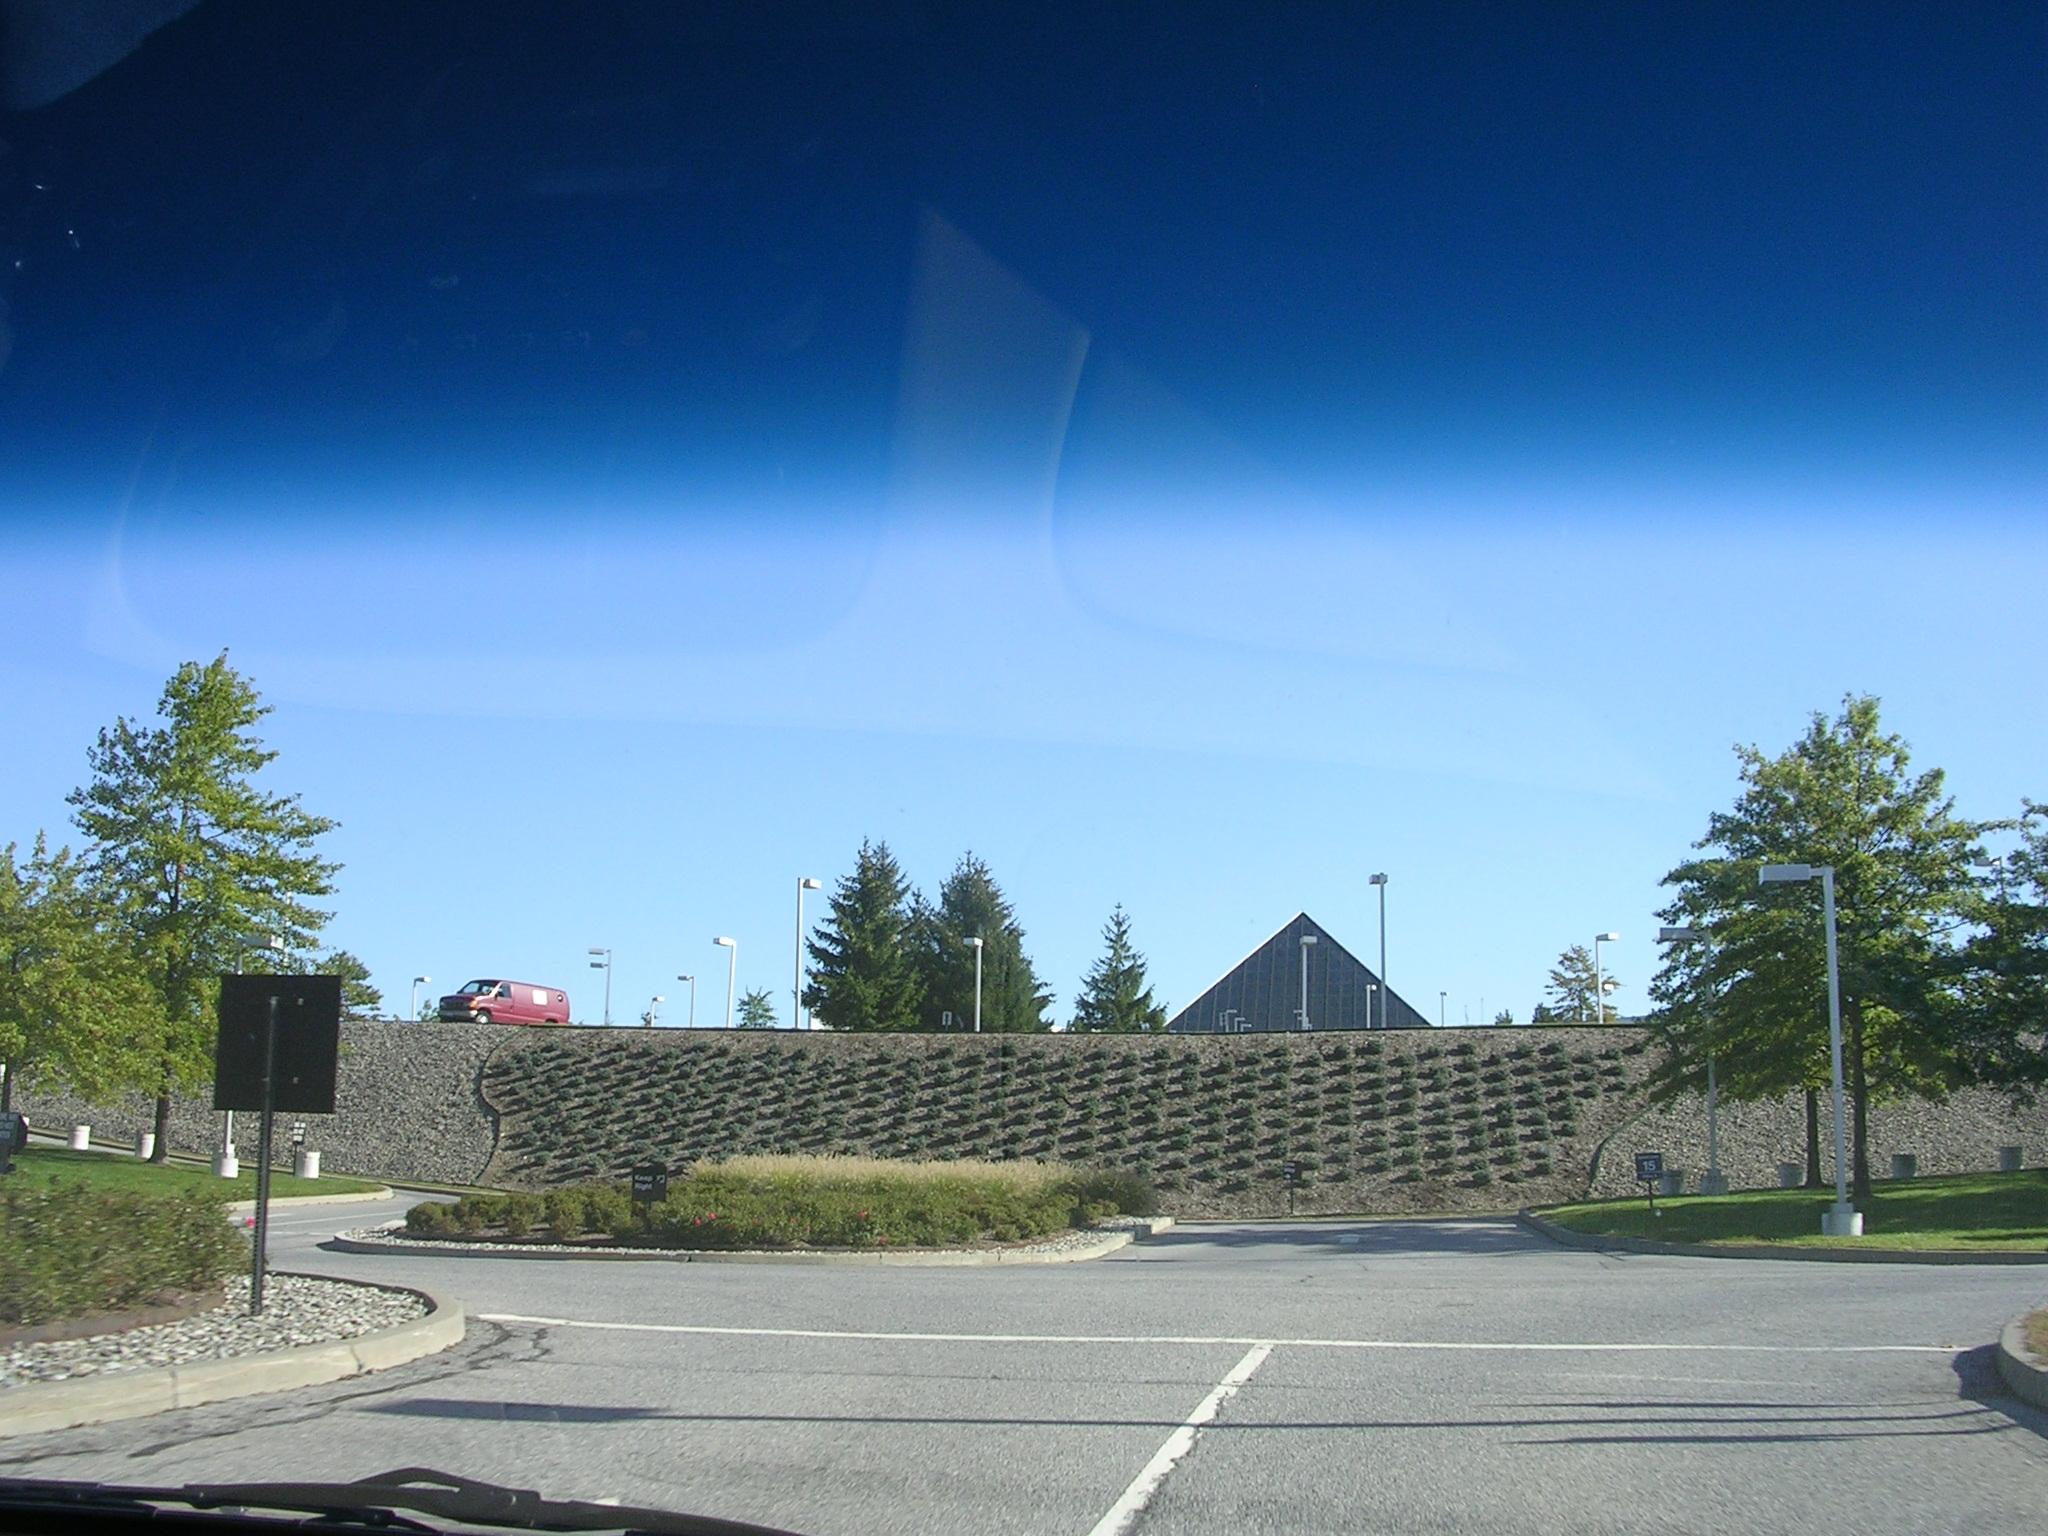 2006-9-26 002.JPG